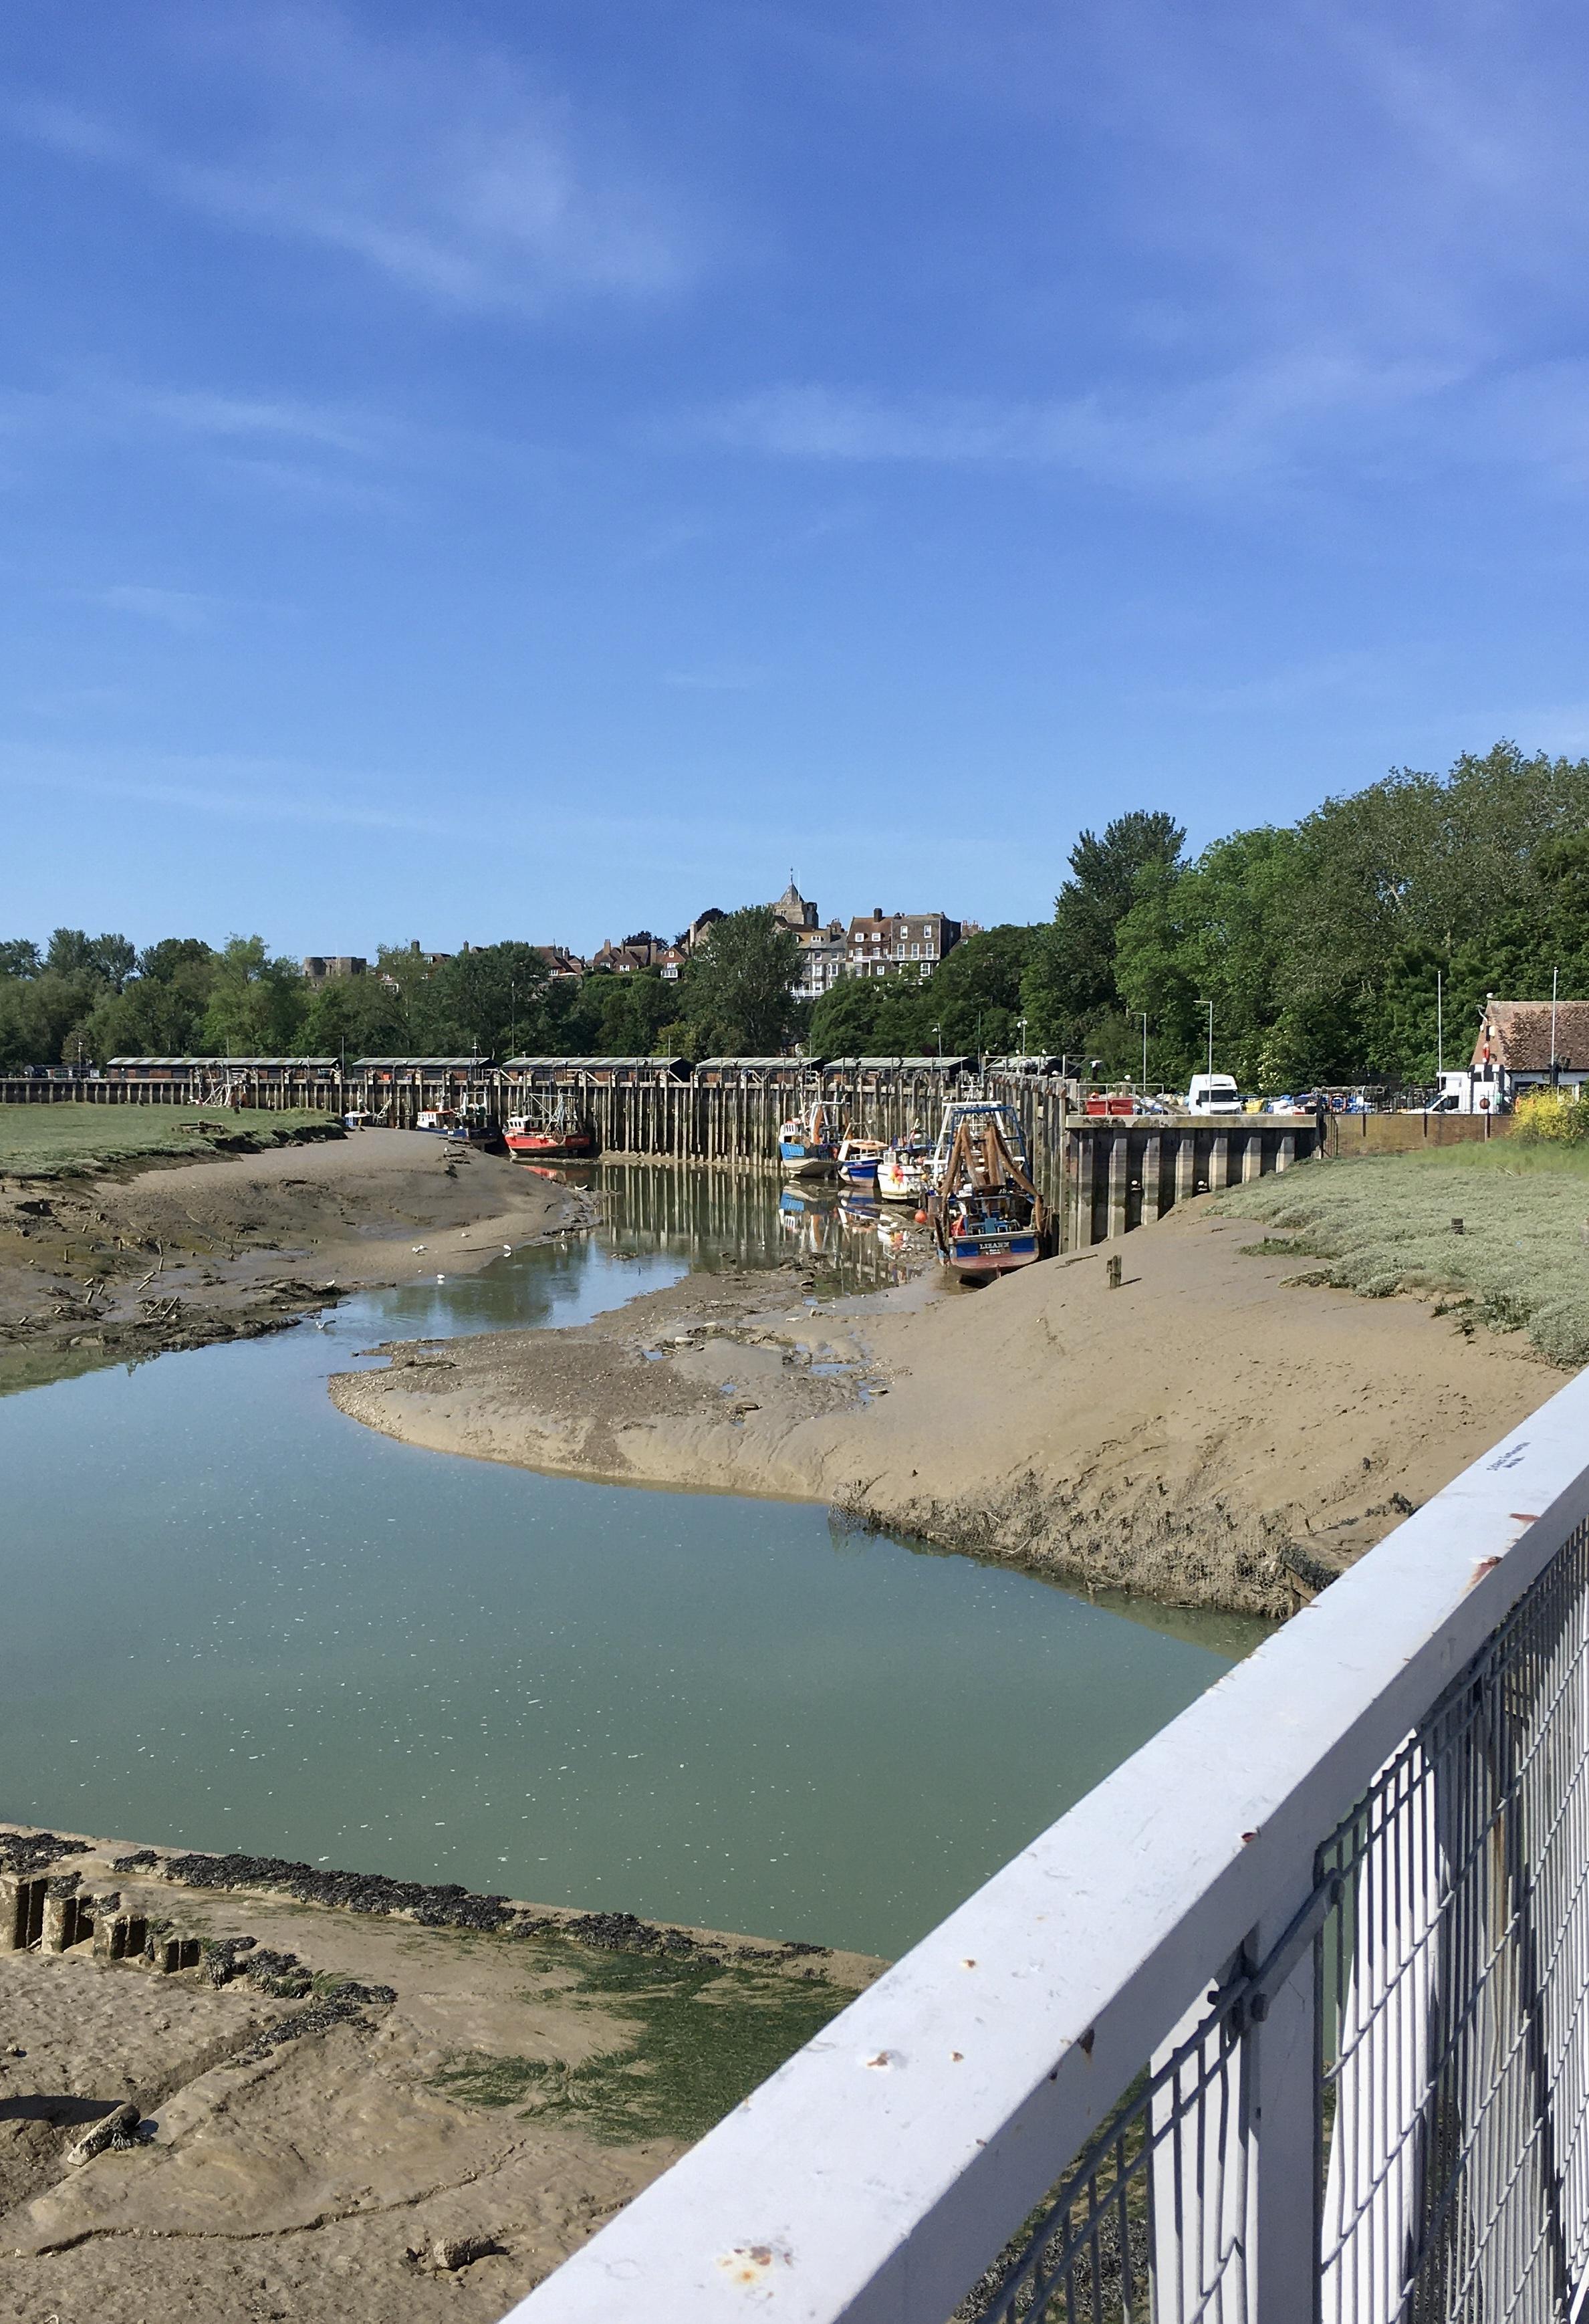 Rye Wharf